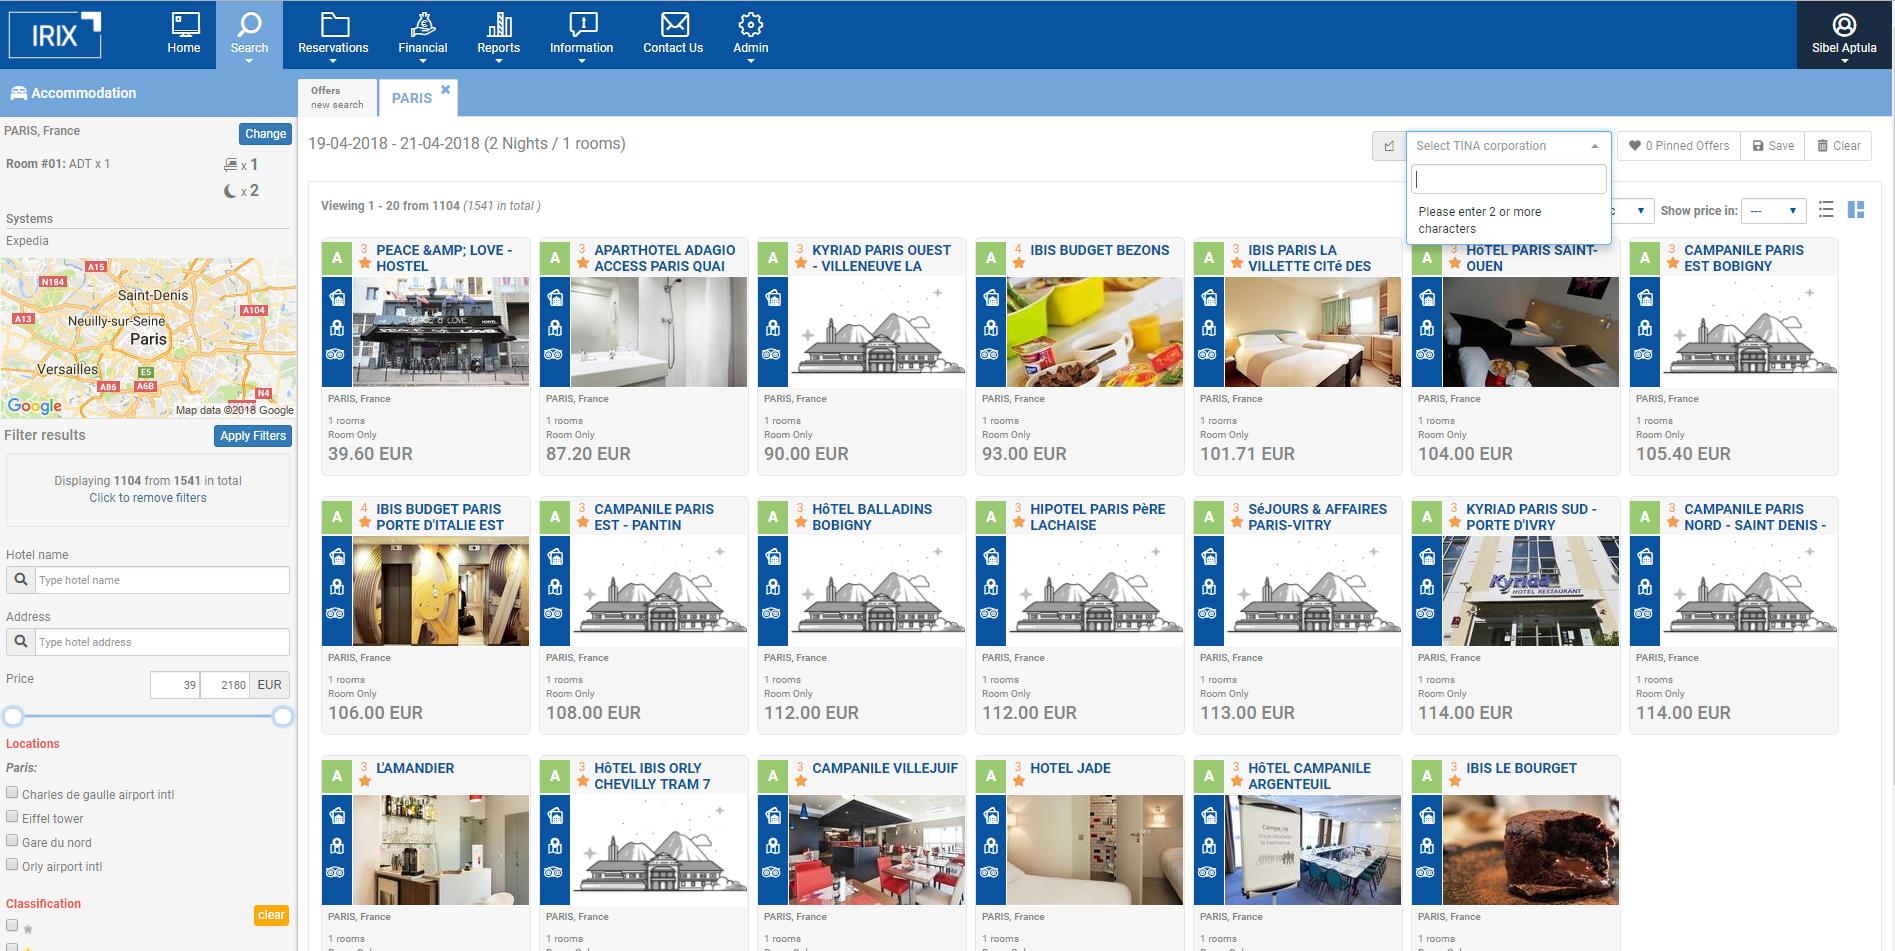 listing hotels